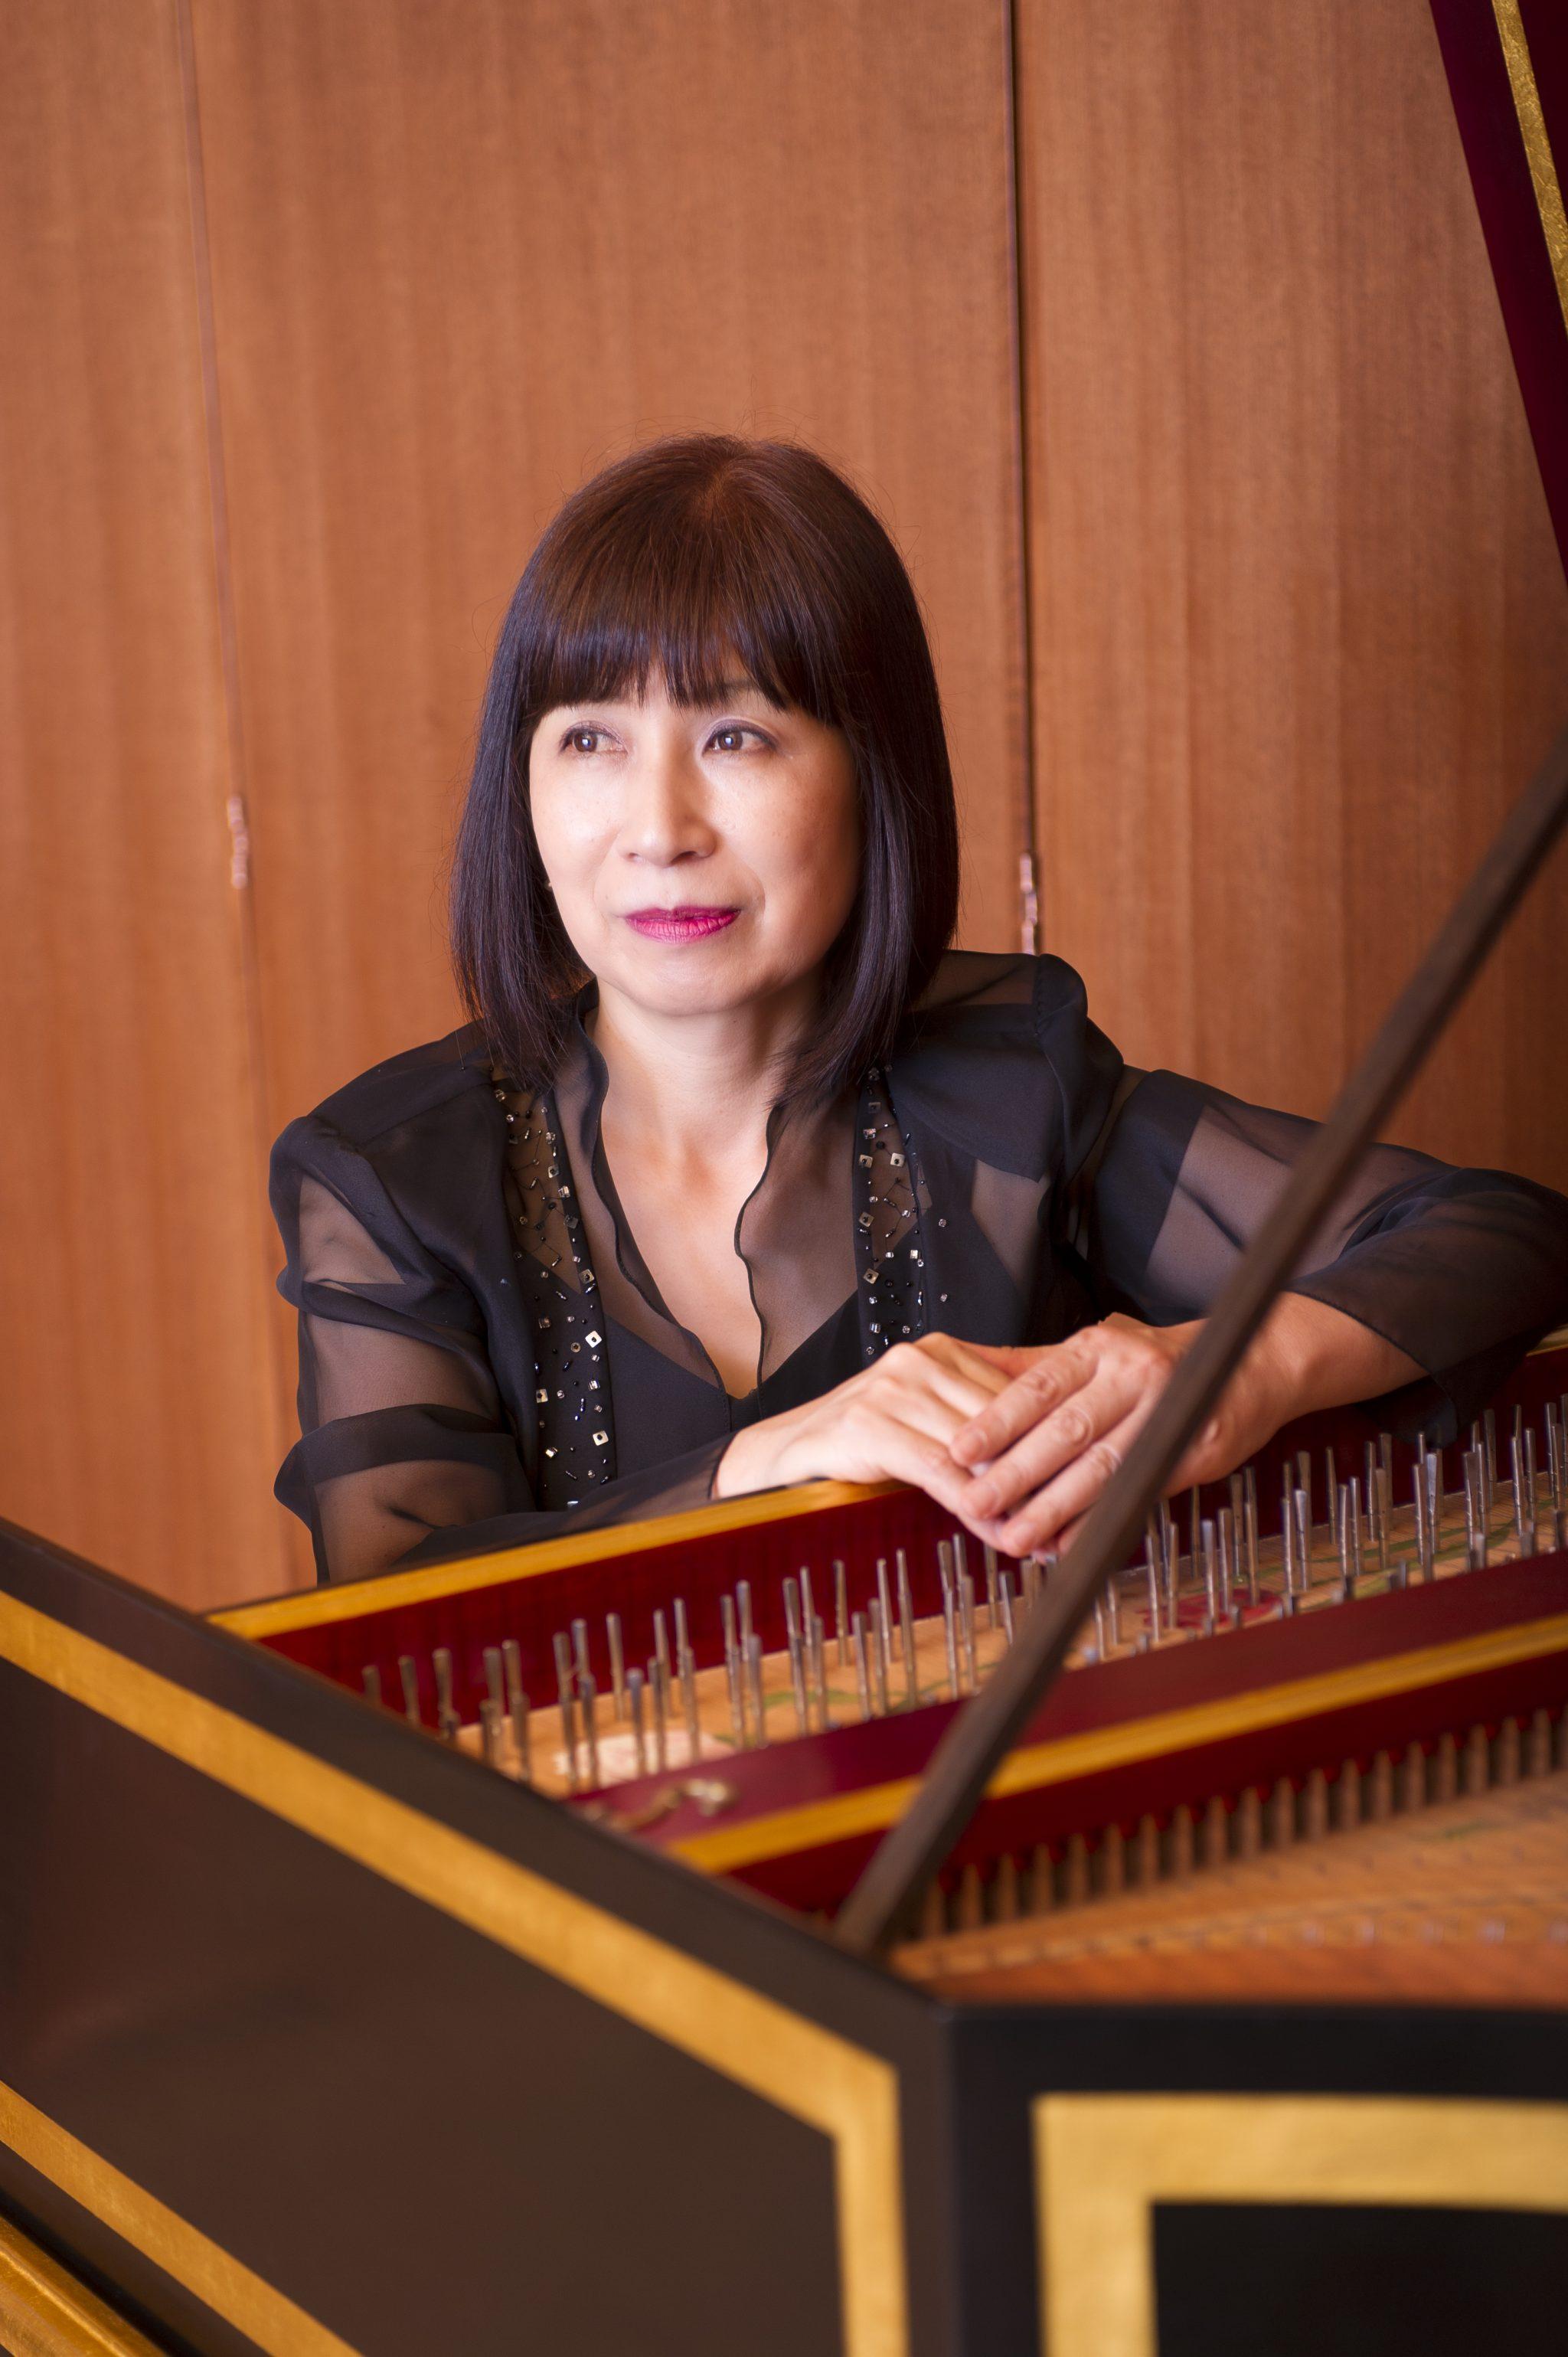 相模原音楽家連盟×もみじホール城山 音楽って楽しい!面白い!! ~チェンバロからピアノへ 鍵盤楽器の歴史~